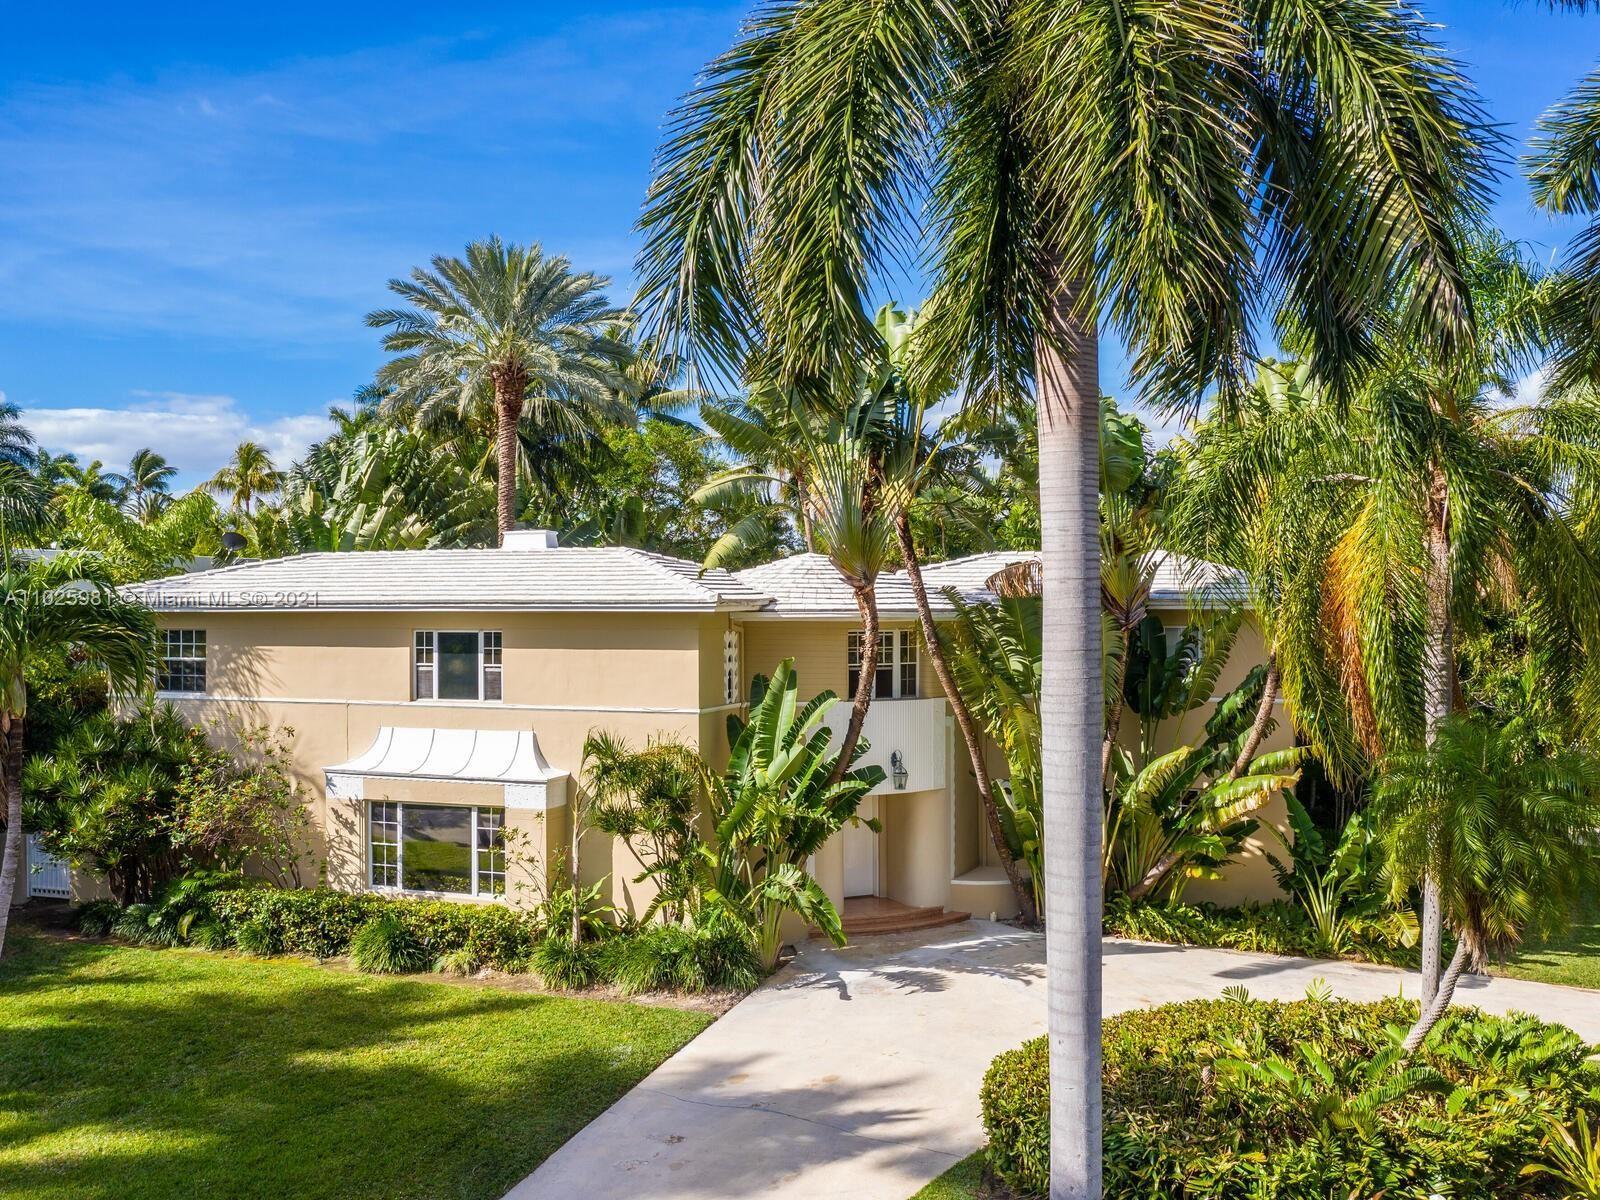 2560 Sunset Dr, Miami Beach, FL 33140 - #: A11025981